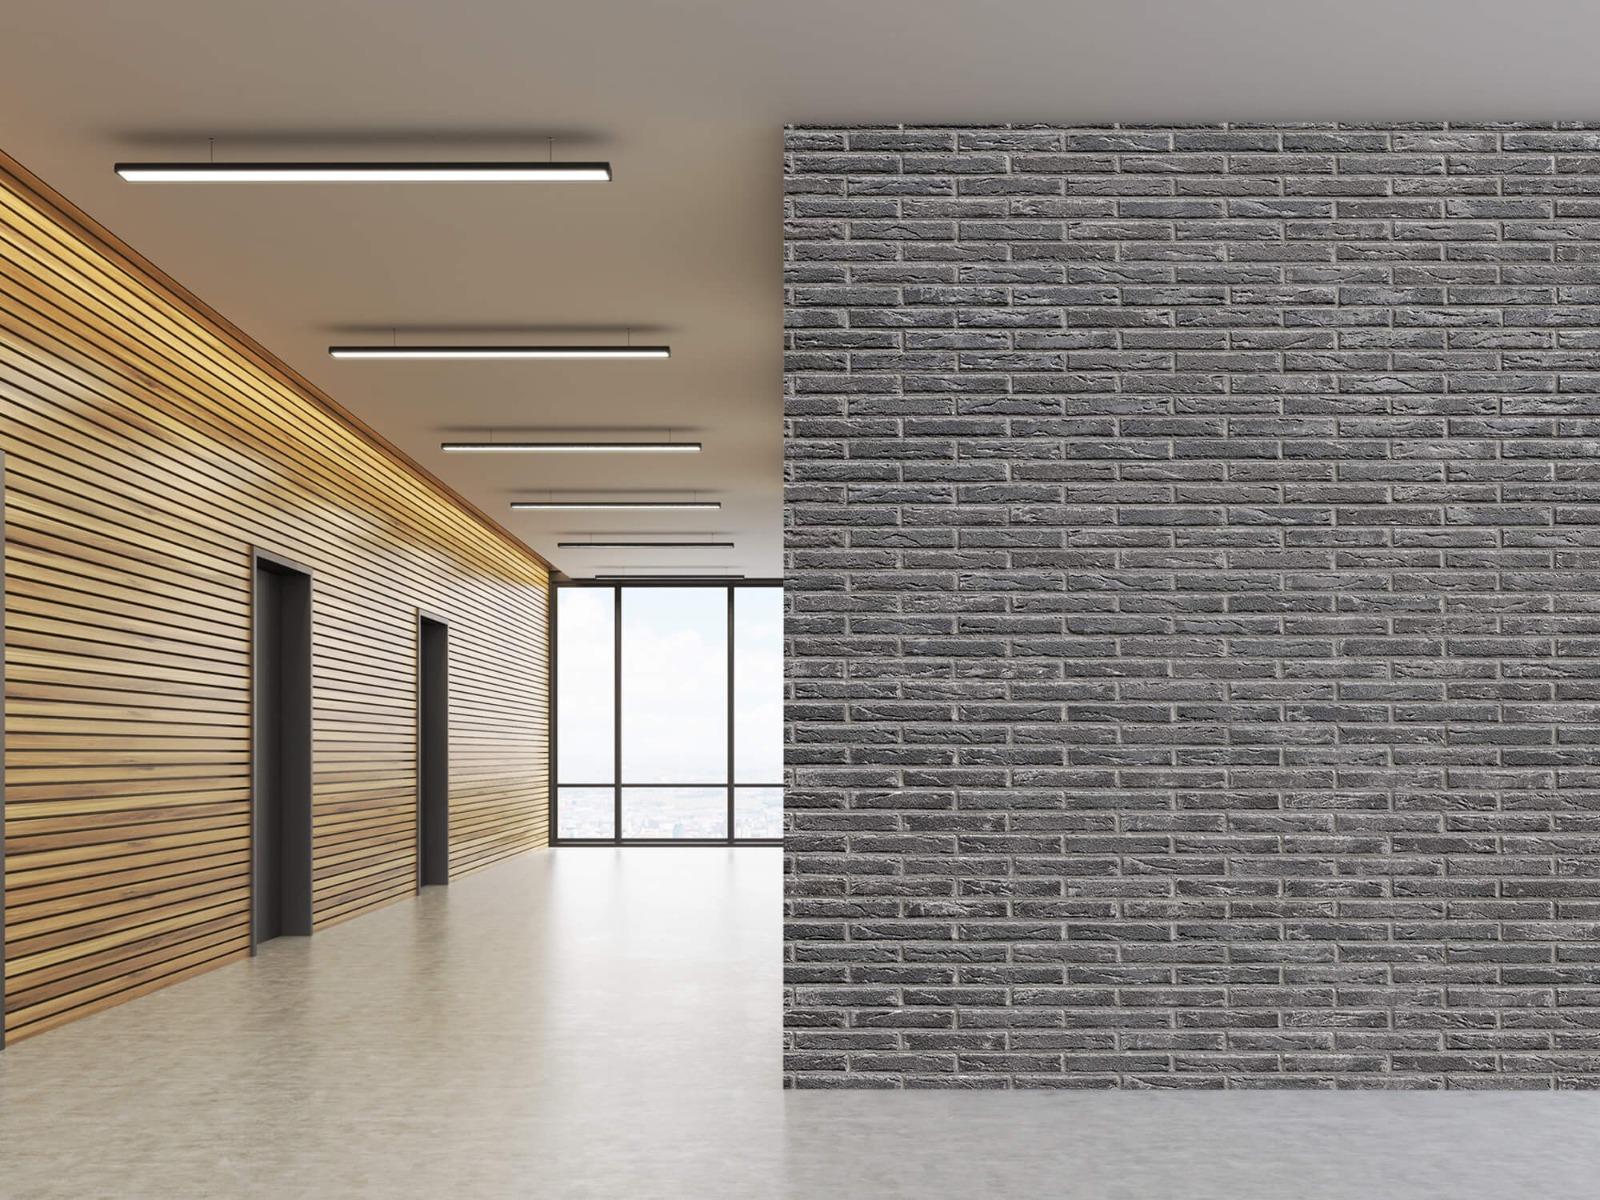 Steen behang - Grijze bakstenen - Wallexclusive - Slaapkamer 10